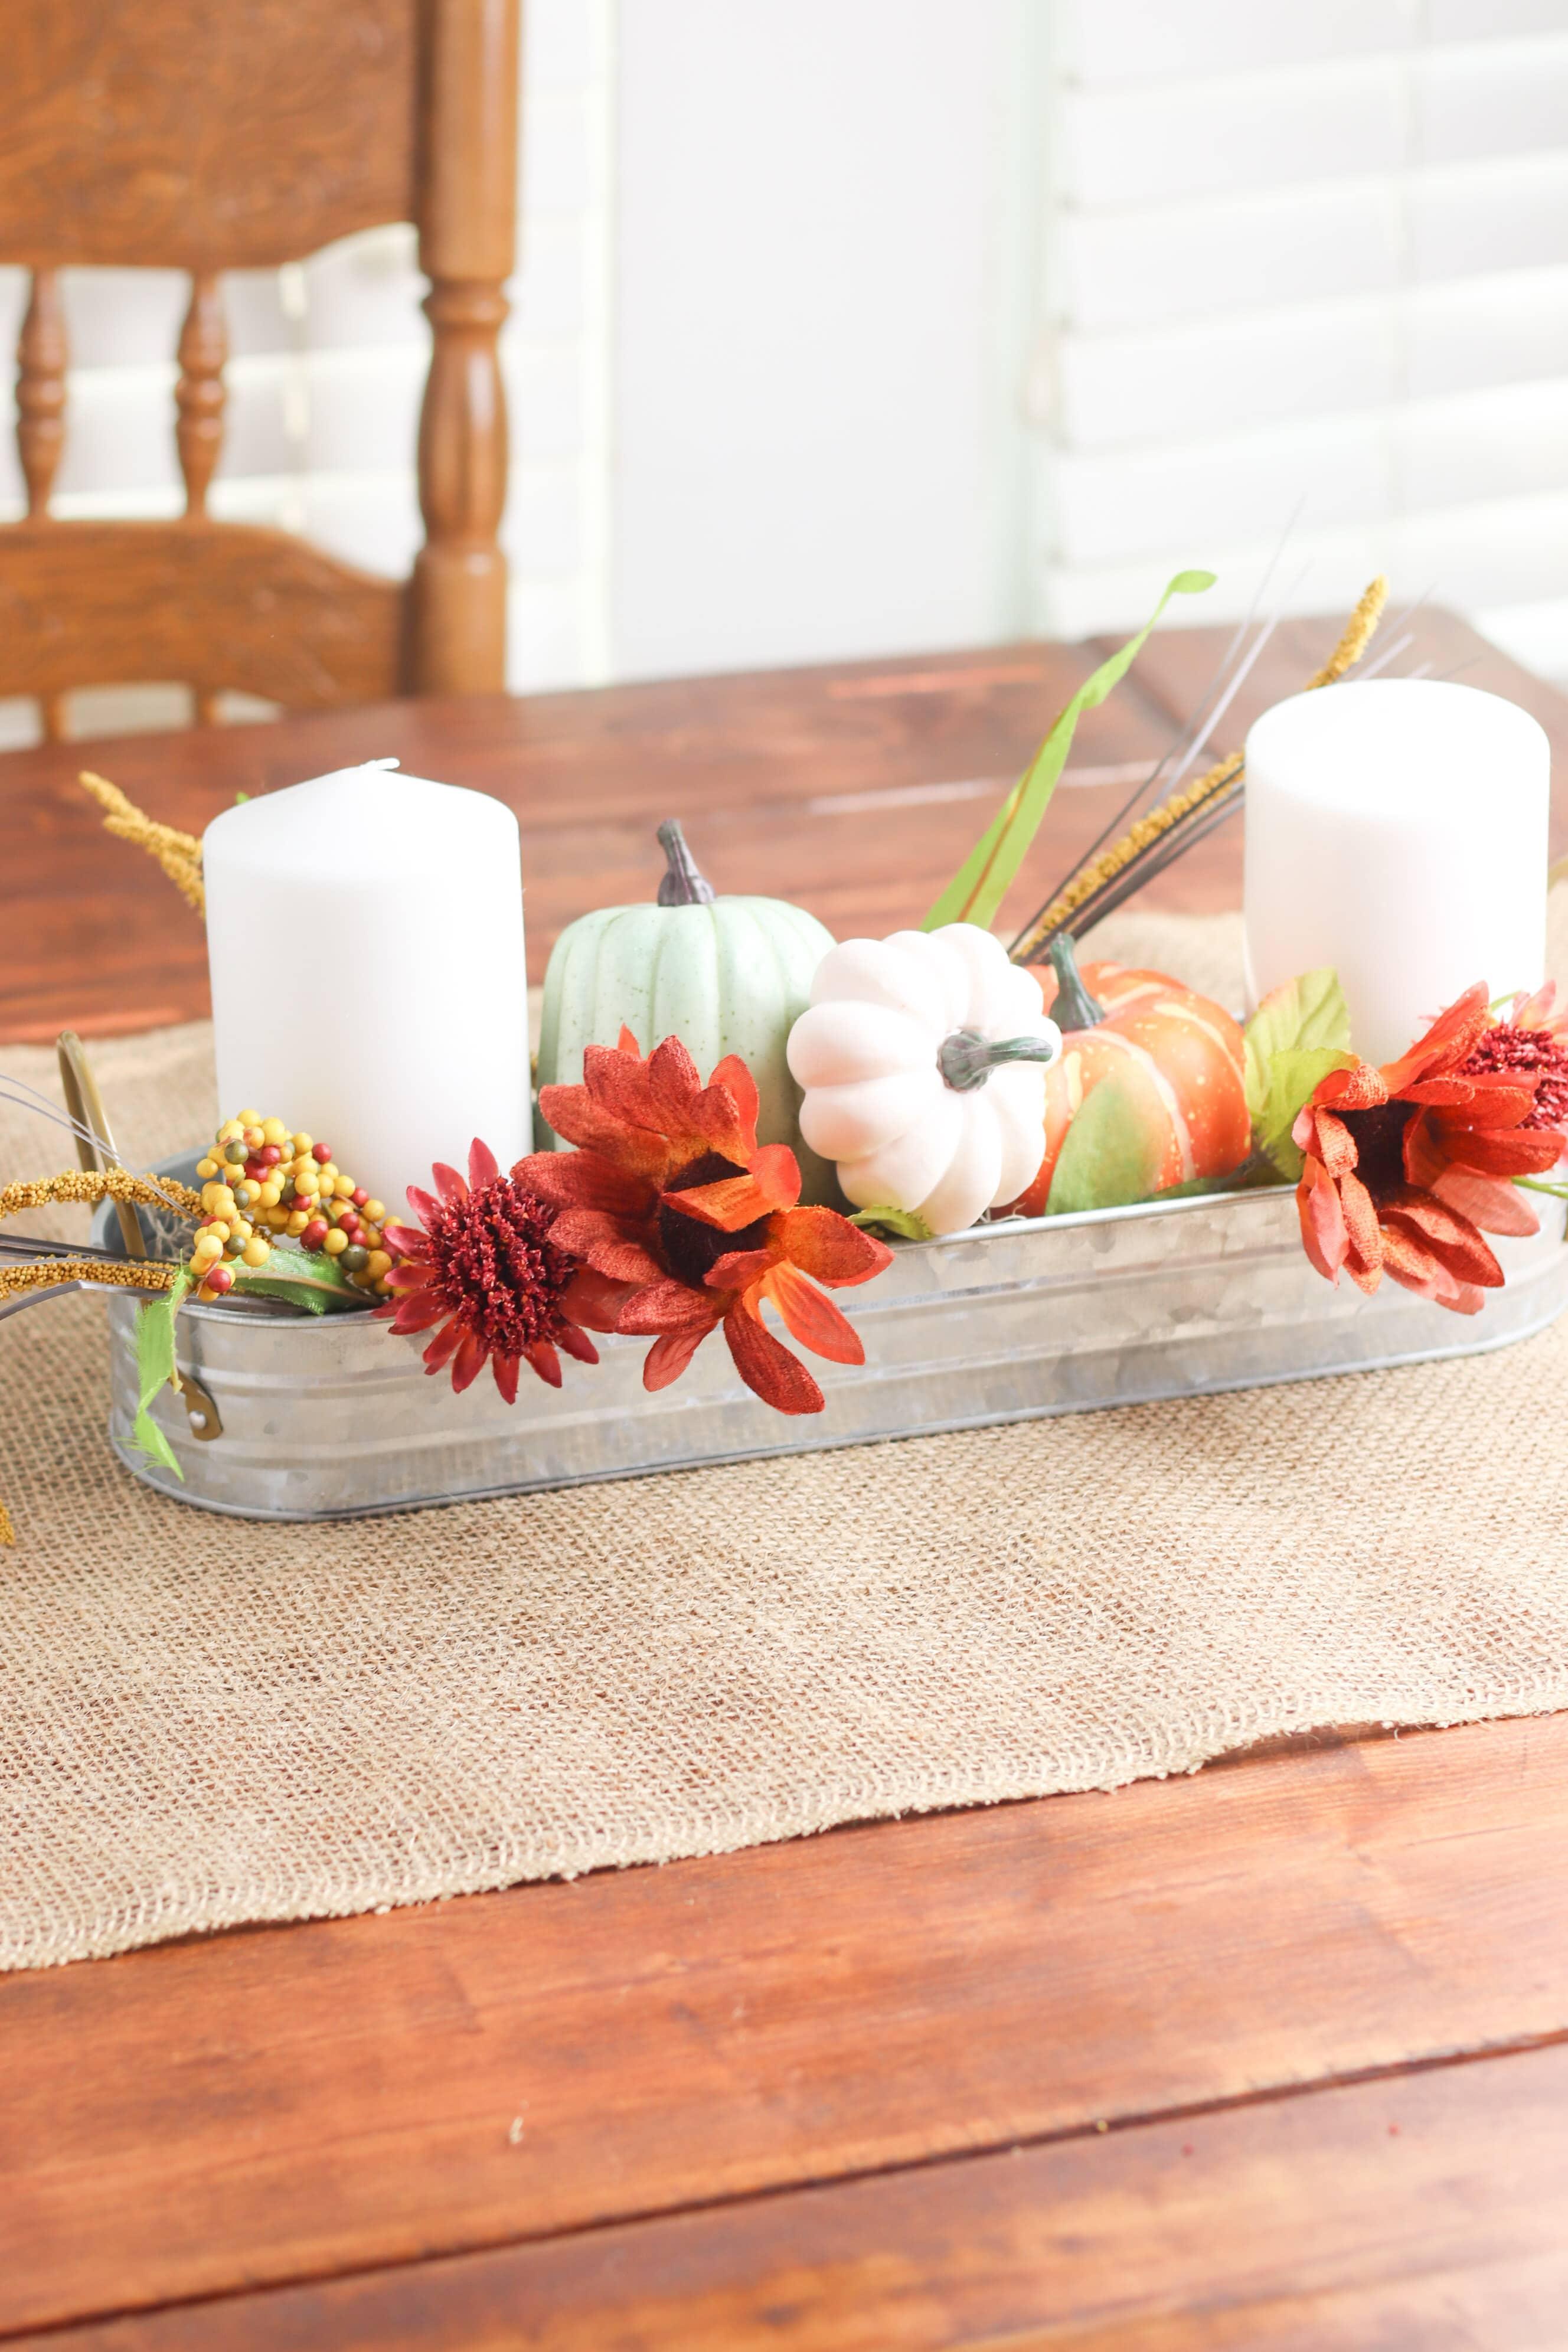 DIY pumpkin centerpiece